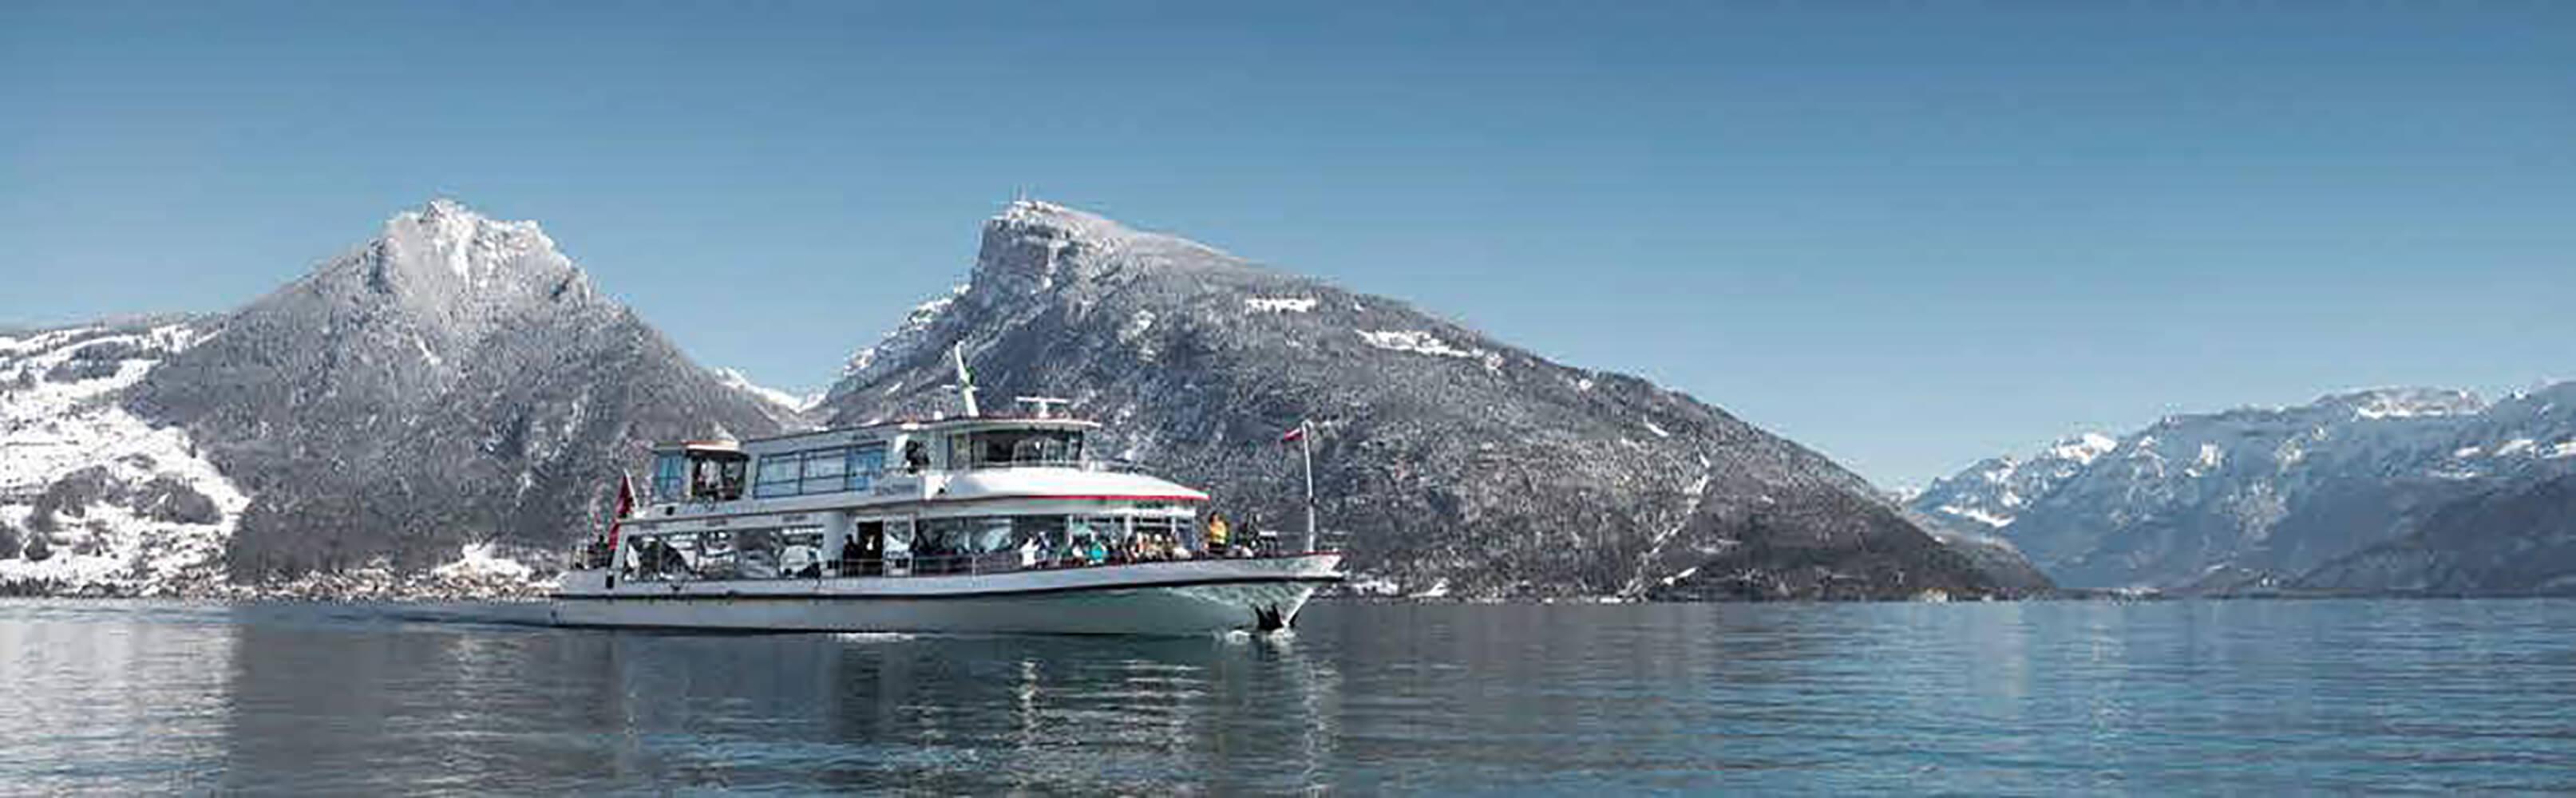 Schifffahrt auf dem Thunersee im Winter 1